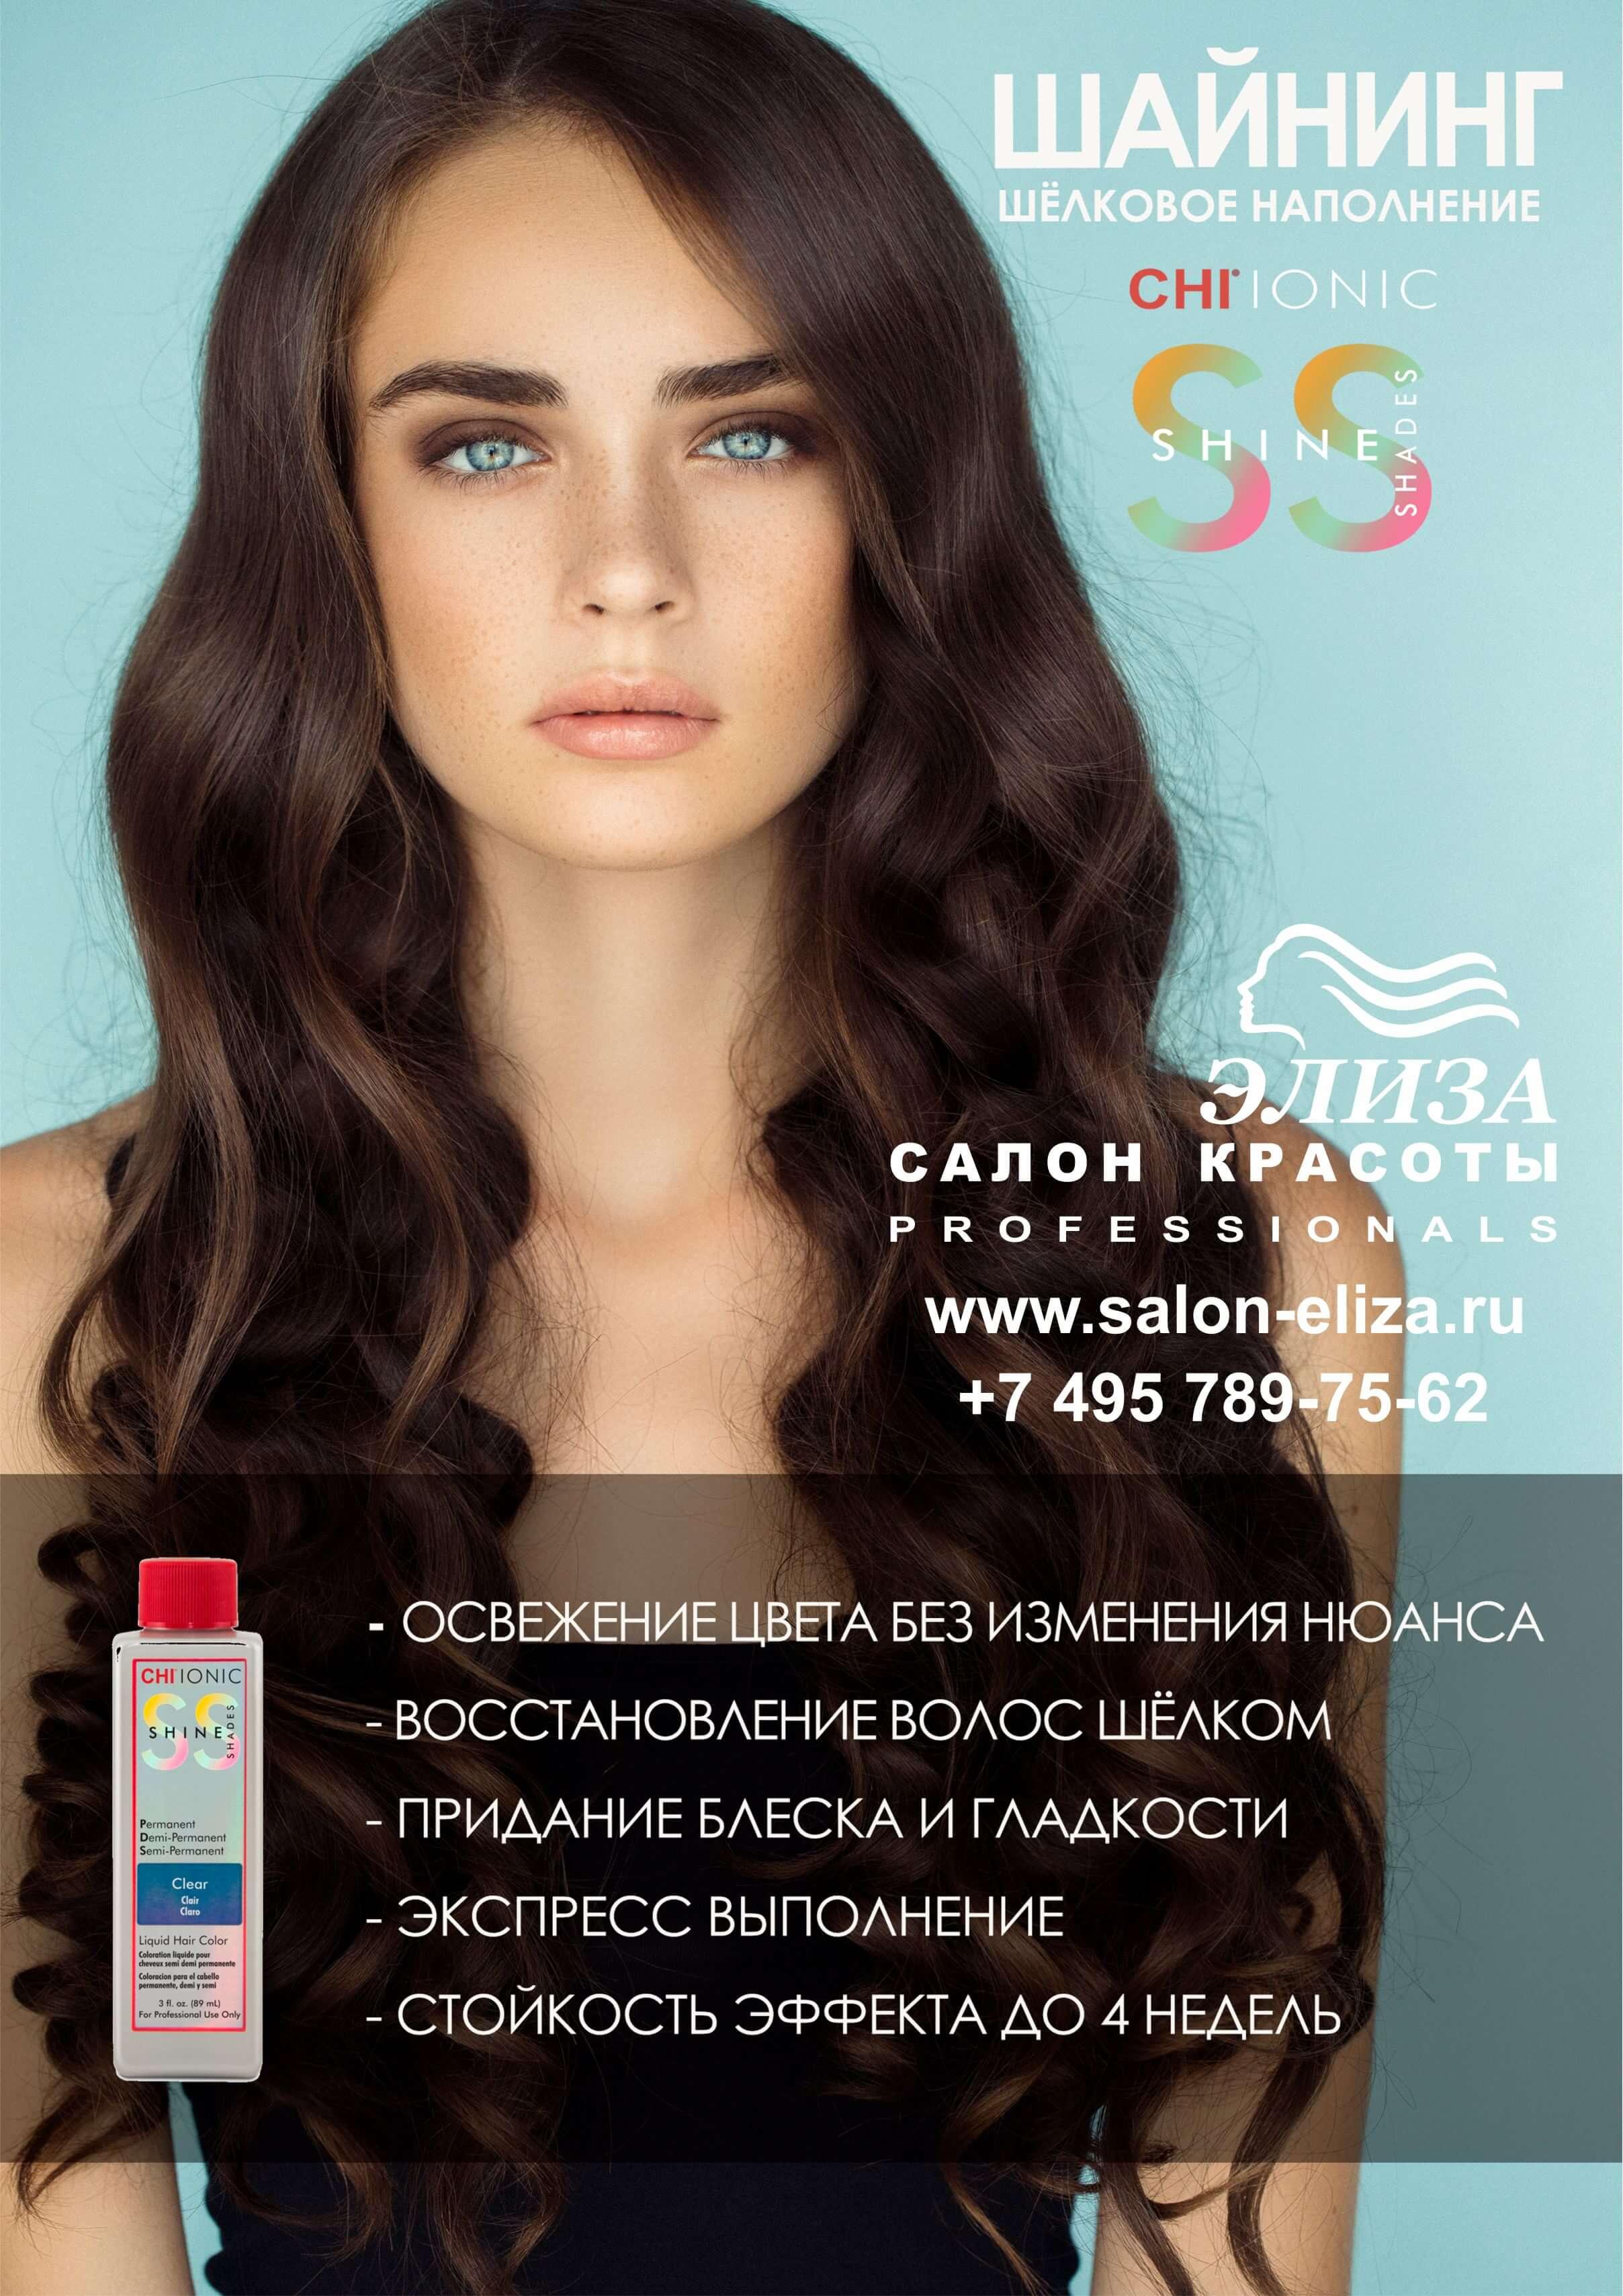 Шайнинг — шелковое наполнение волос CHI ionic